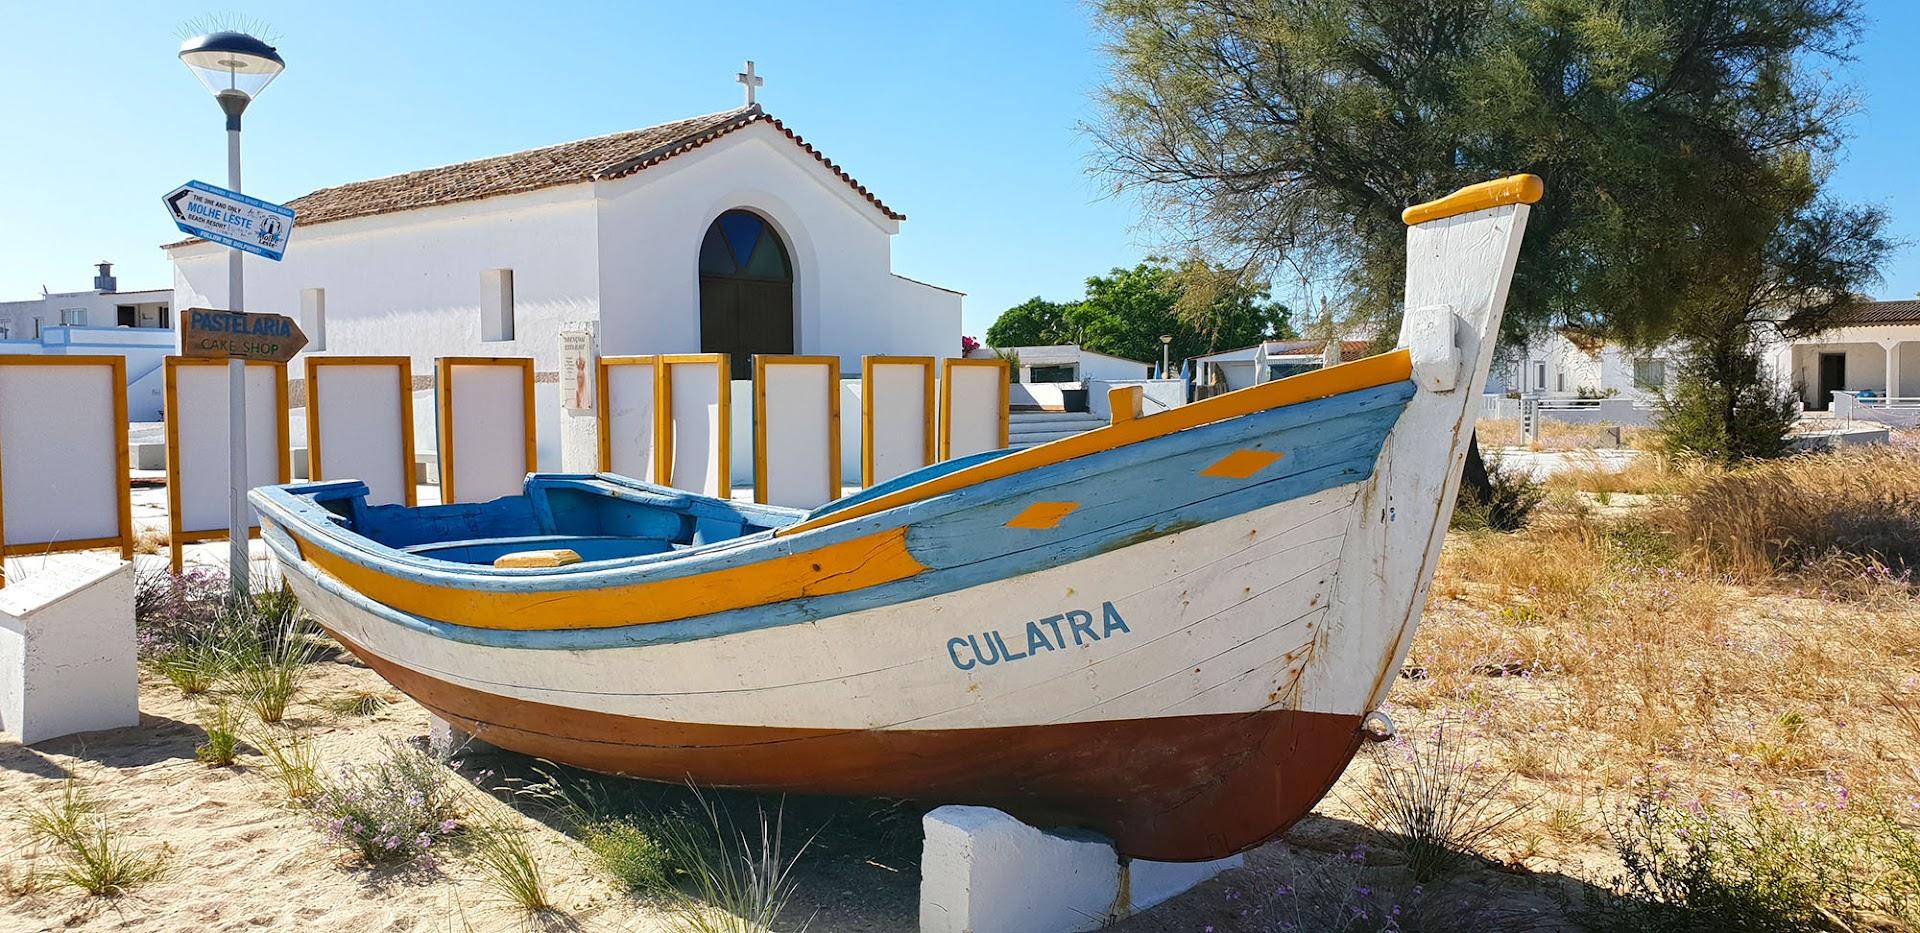 TRILHO DA ILHA DA CULATRA À ILHA DO FAROL, uma visita alternativa à Ria Formosa | Portugal